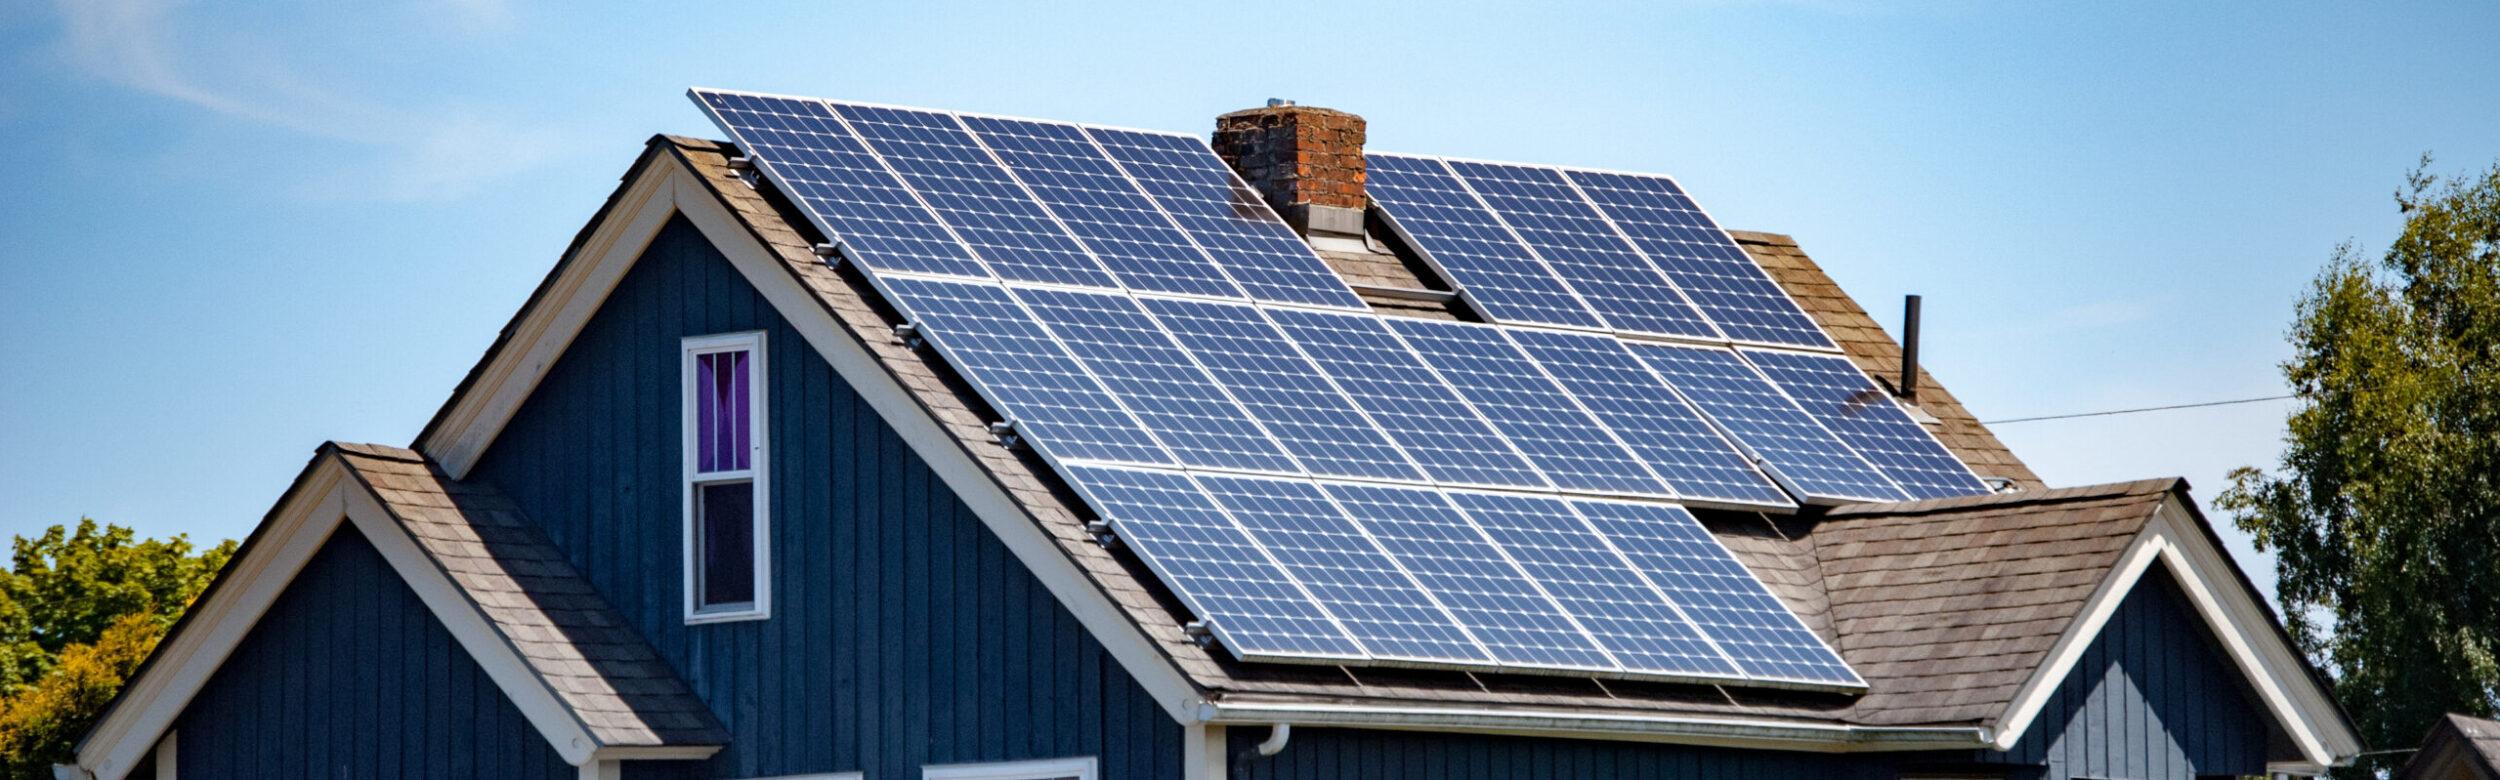 Solarize LSW